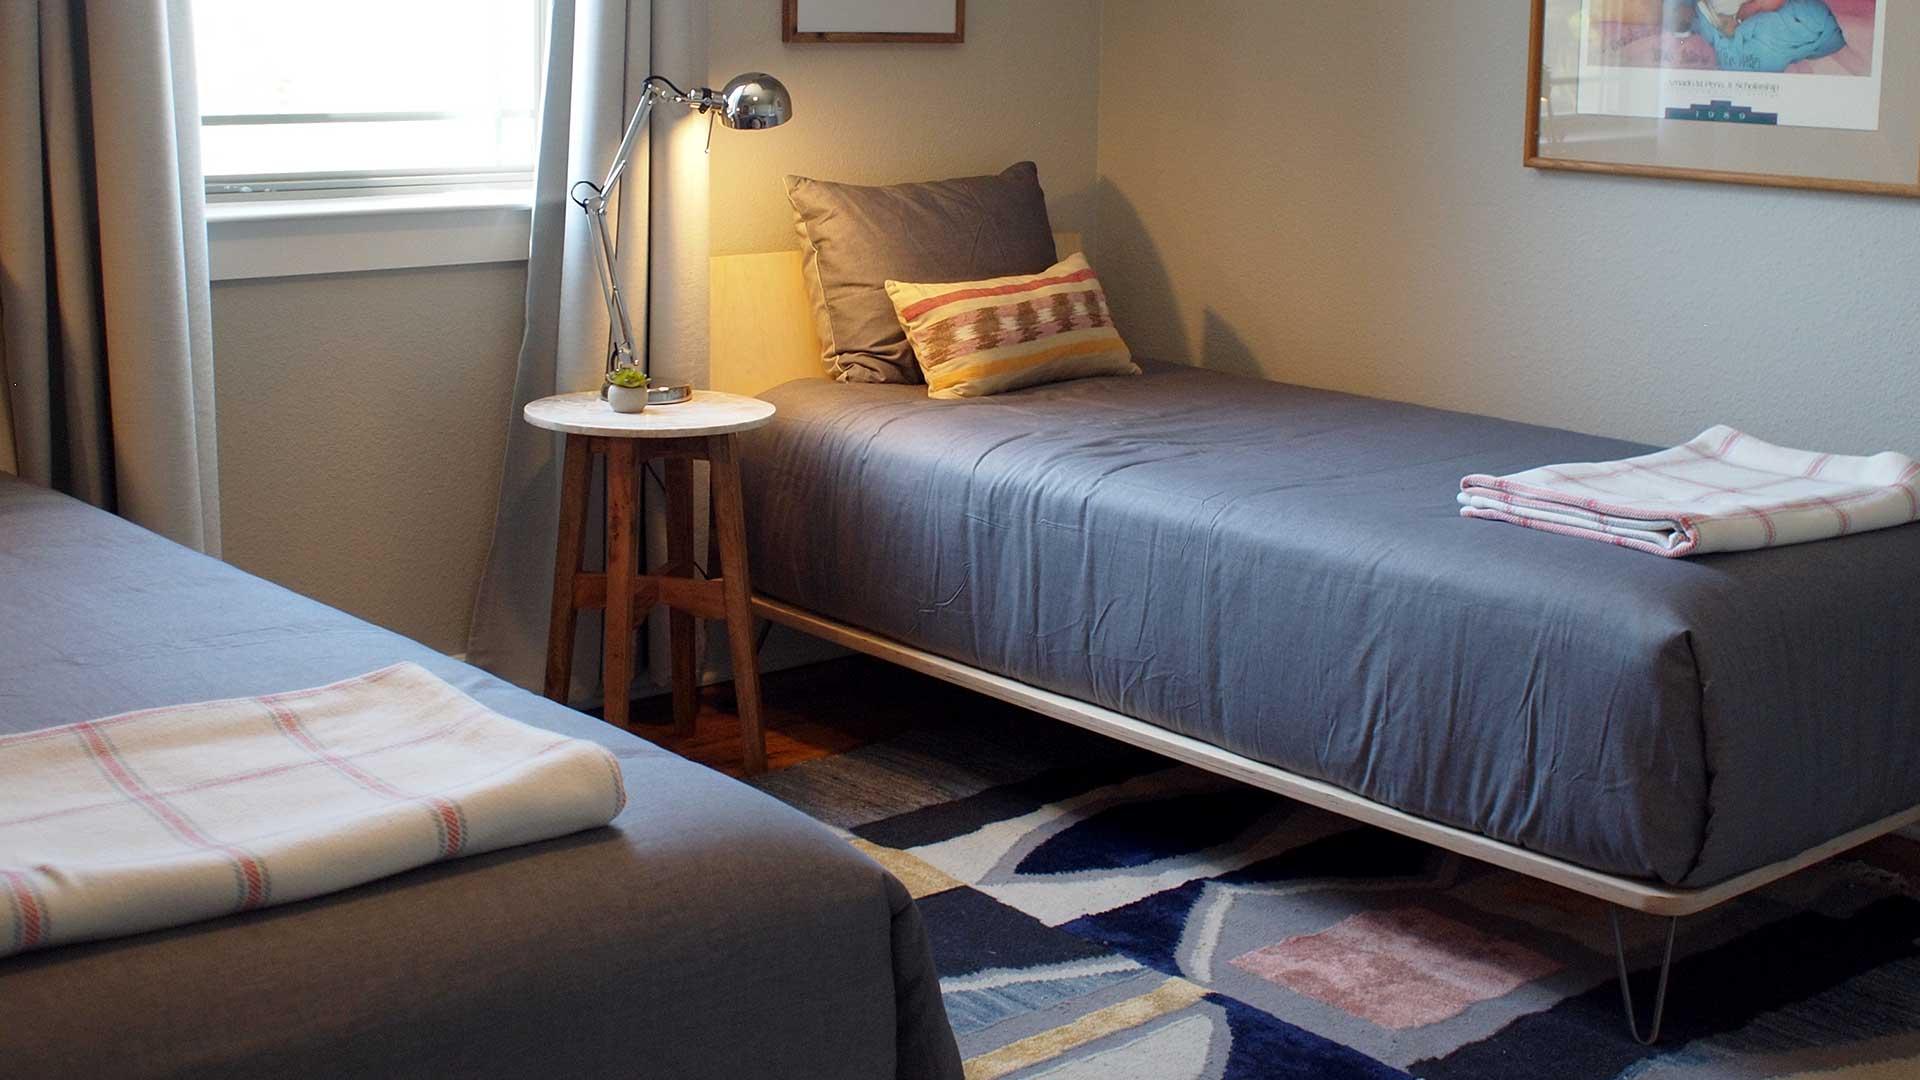 Bed4-1920x1080-wlr.jpg